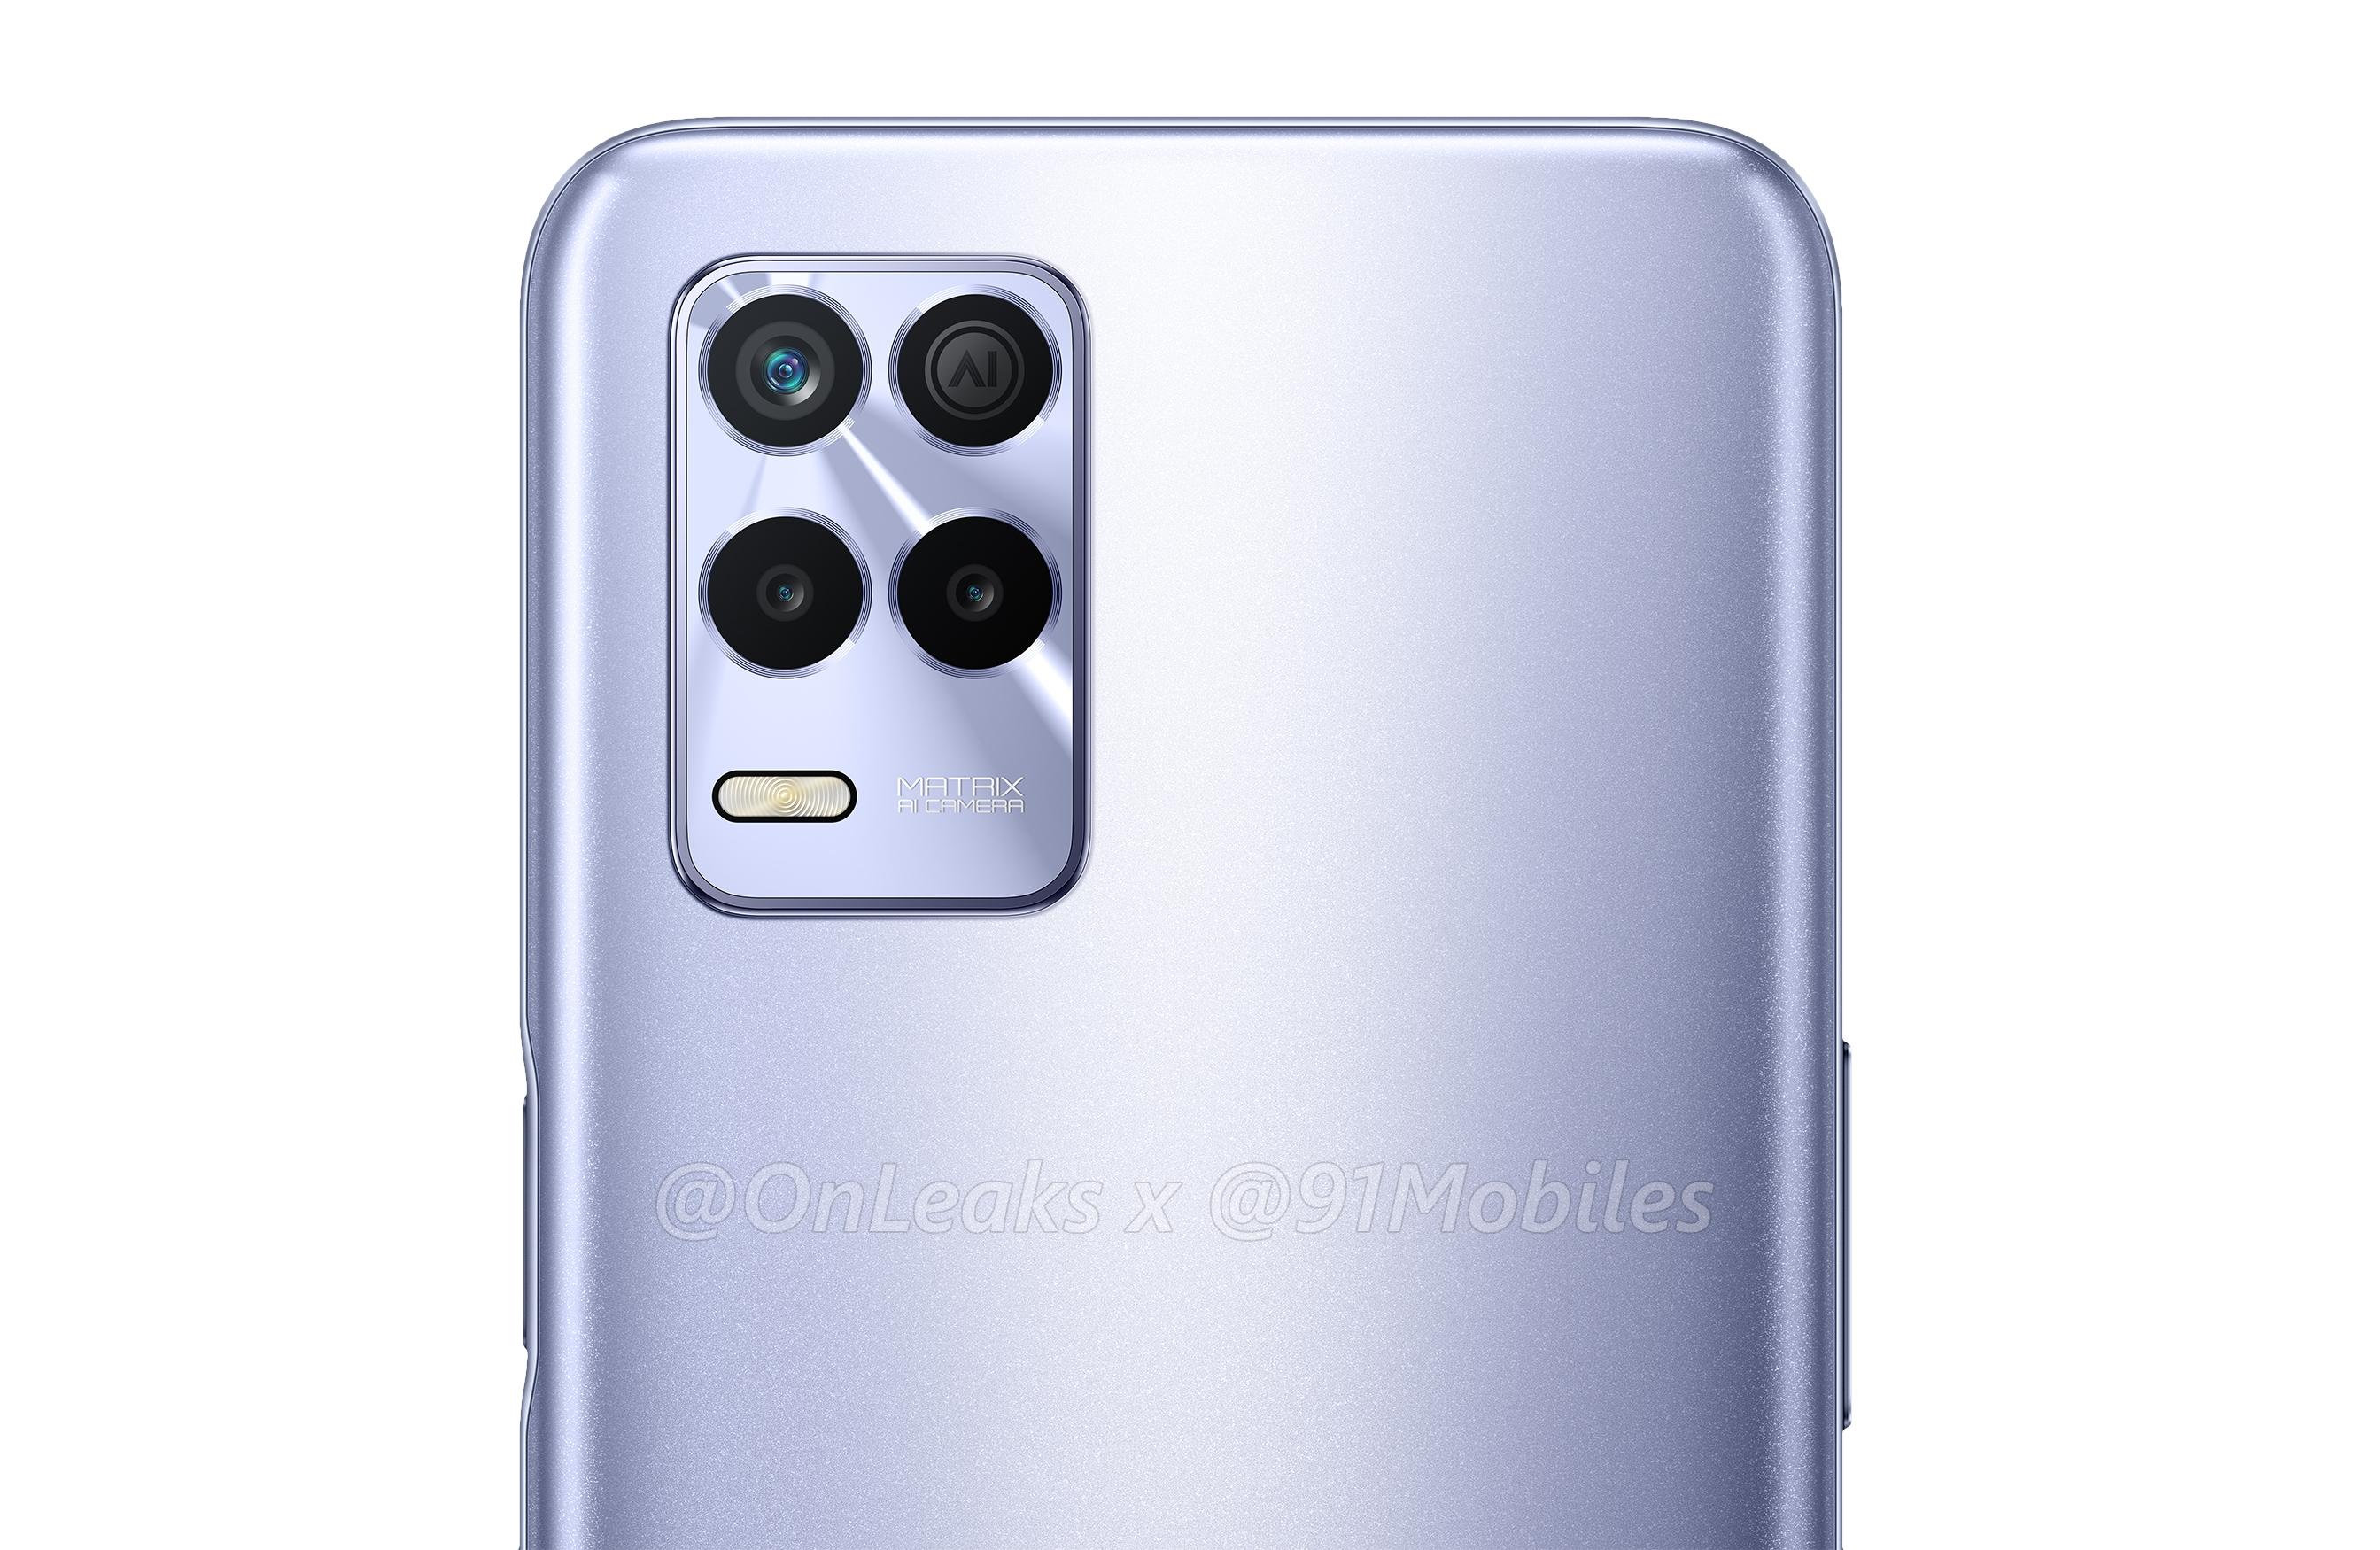 Realme готовит к выходу Realme 8s c экраном на 90 Гц, чипом MediaTek Dimensity 810 и батареей на 5000 мАч